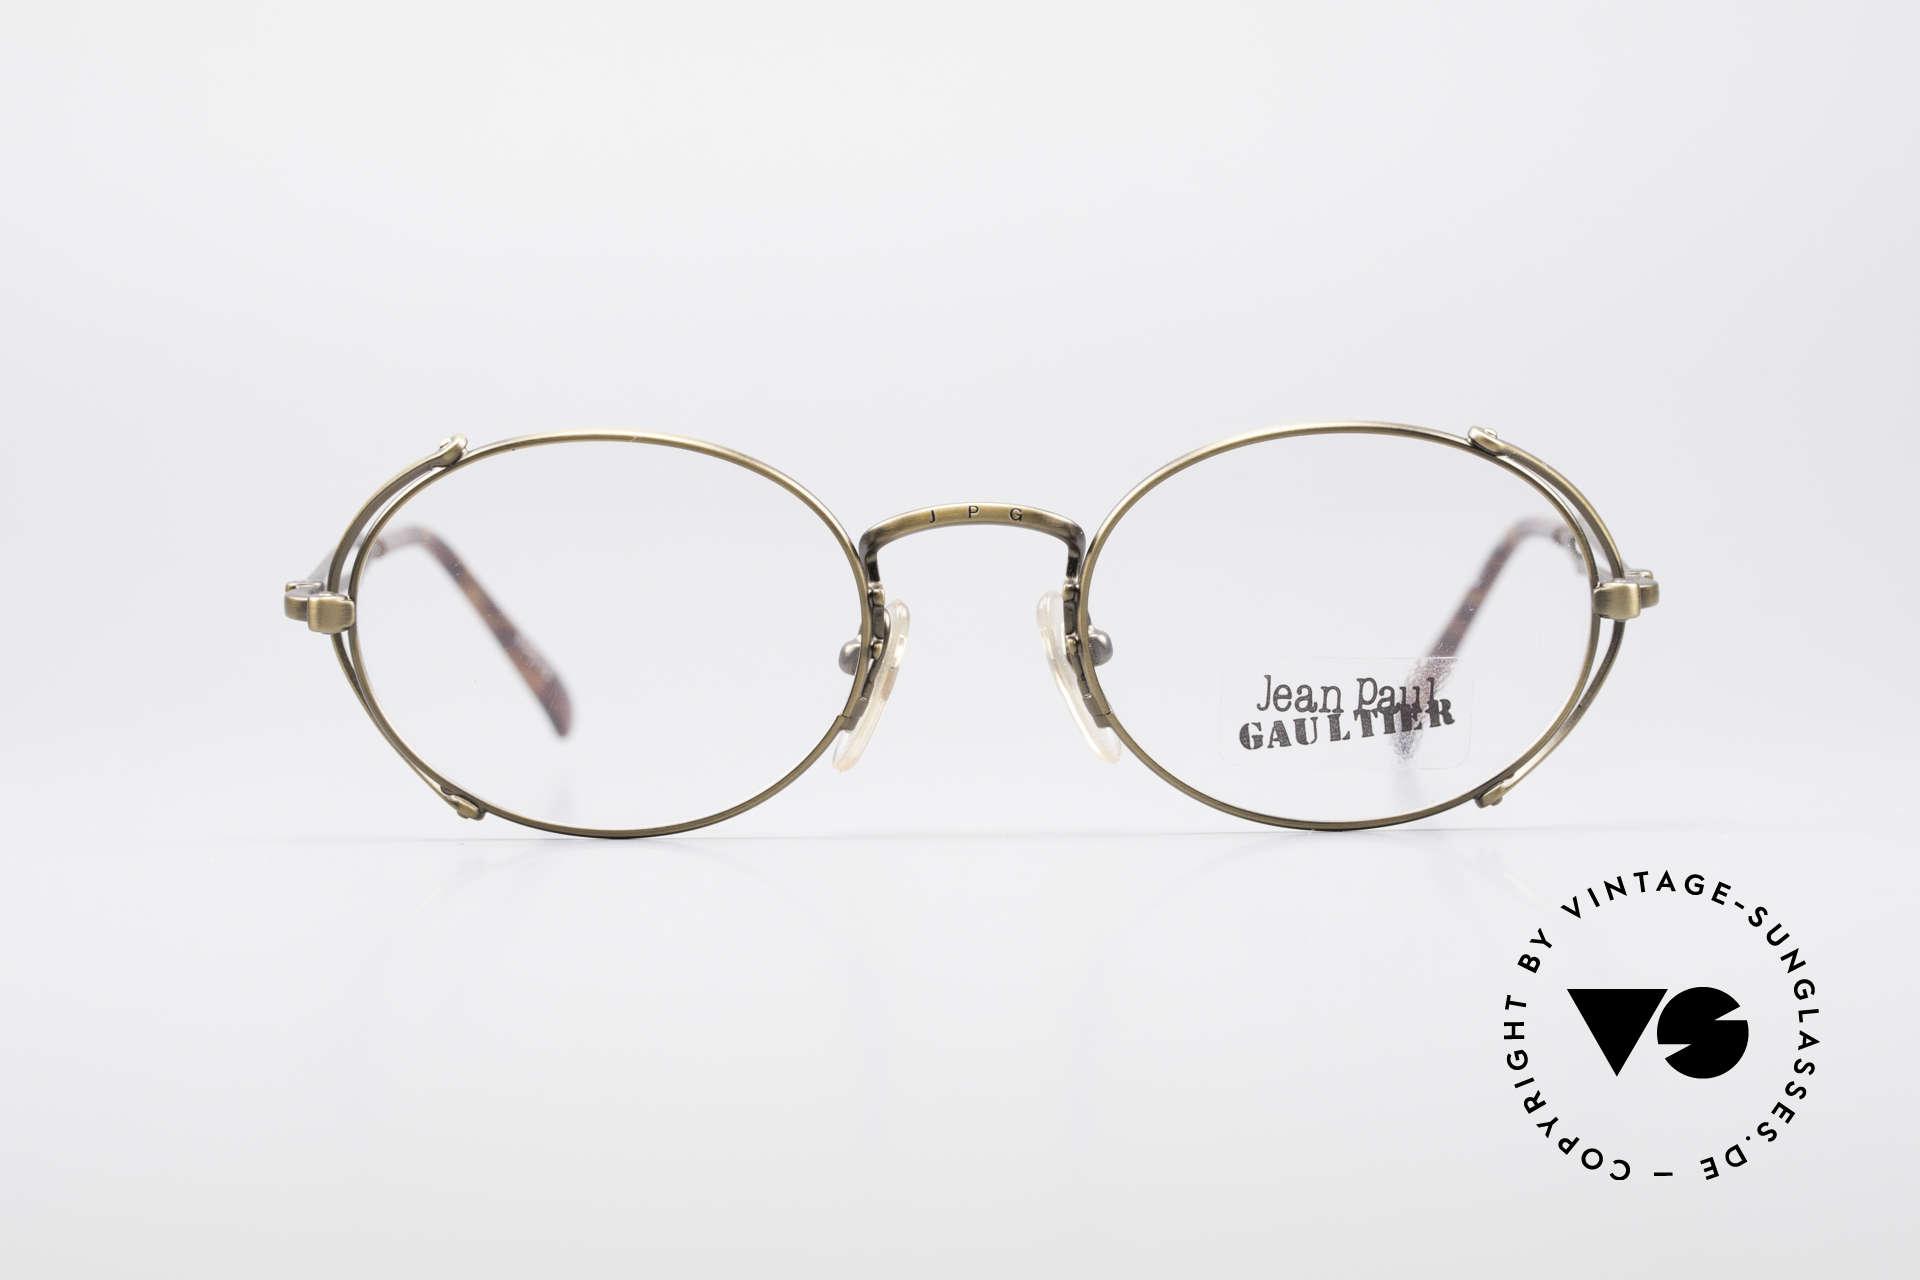 Jean Paul Gaultier 55-3175